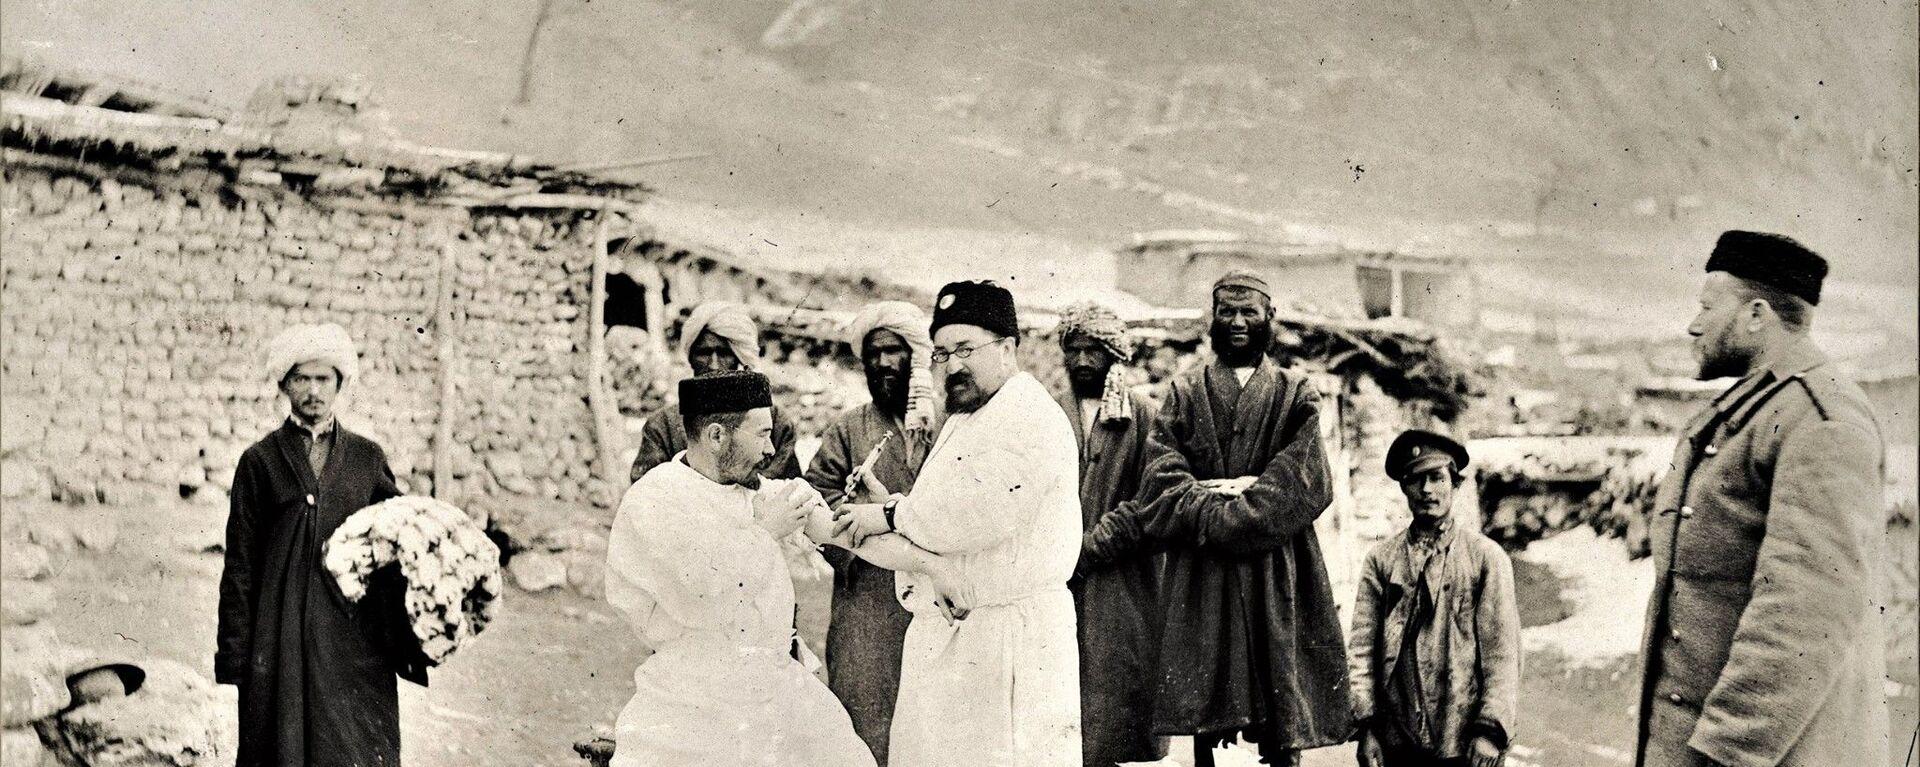 Противочумная экспедиция в Анзоб, архивное фото - Sputnik Таджикистан, 1920, 04.06.2020